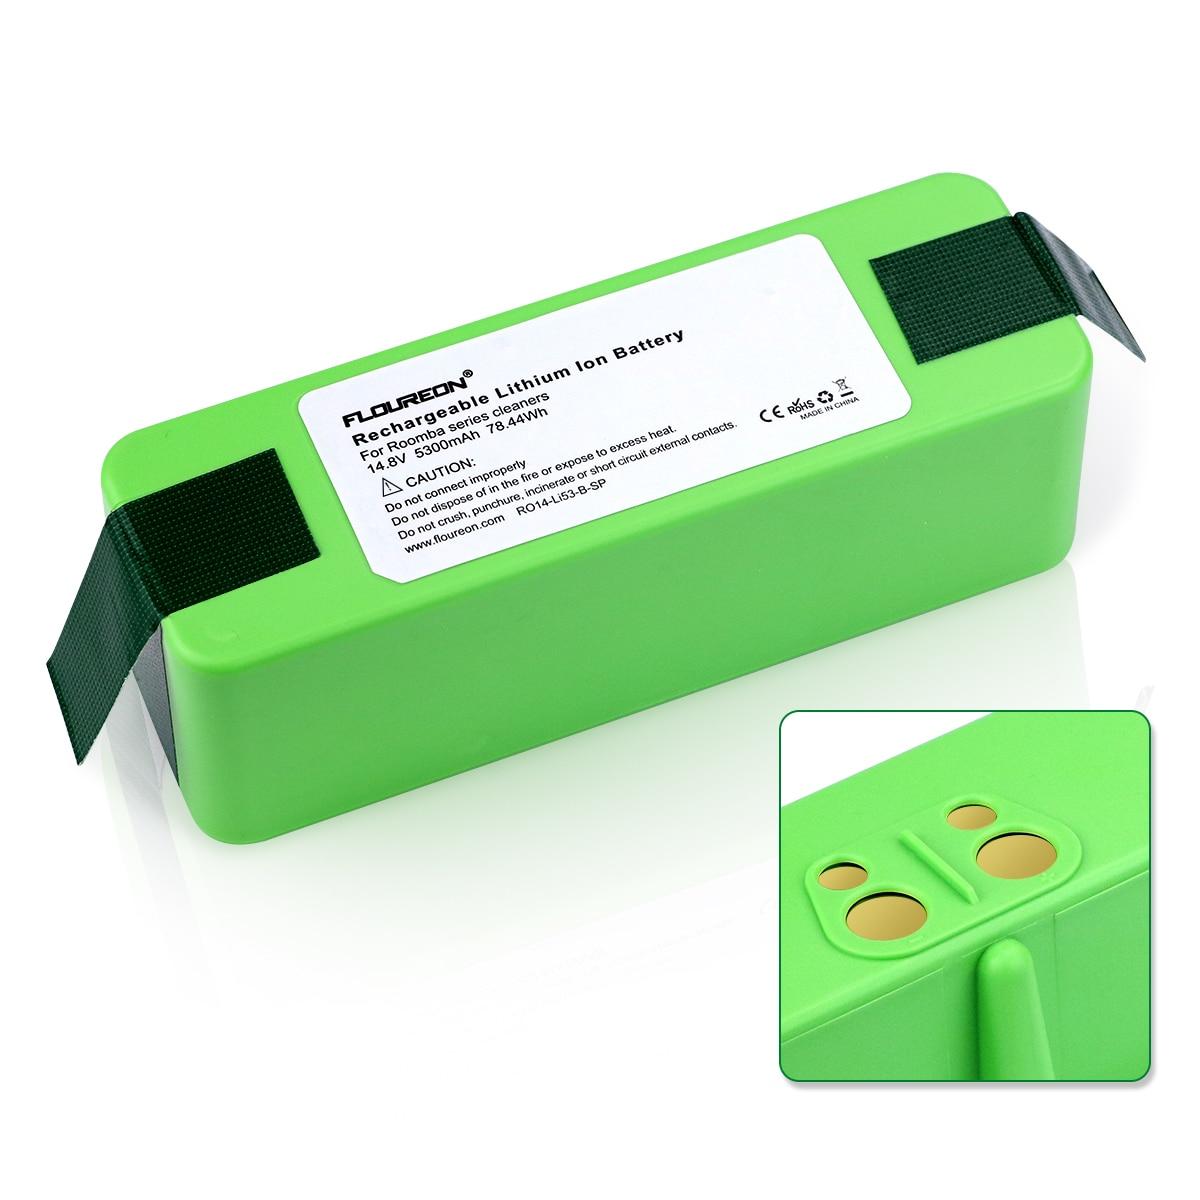 Batterie Li-ion Floureon 14.8 V 5300 mAh Compatible pour iRobot Roomba 500 600 700 série 800 couleur verte